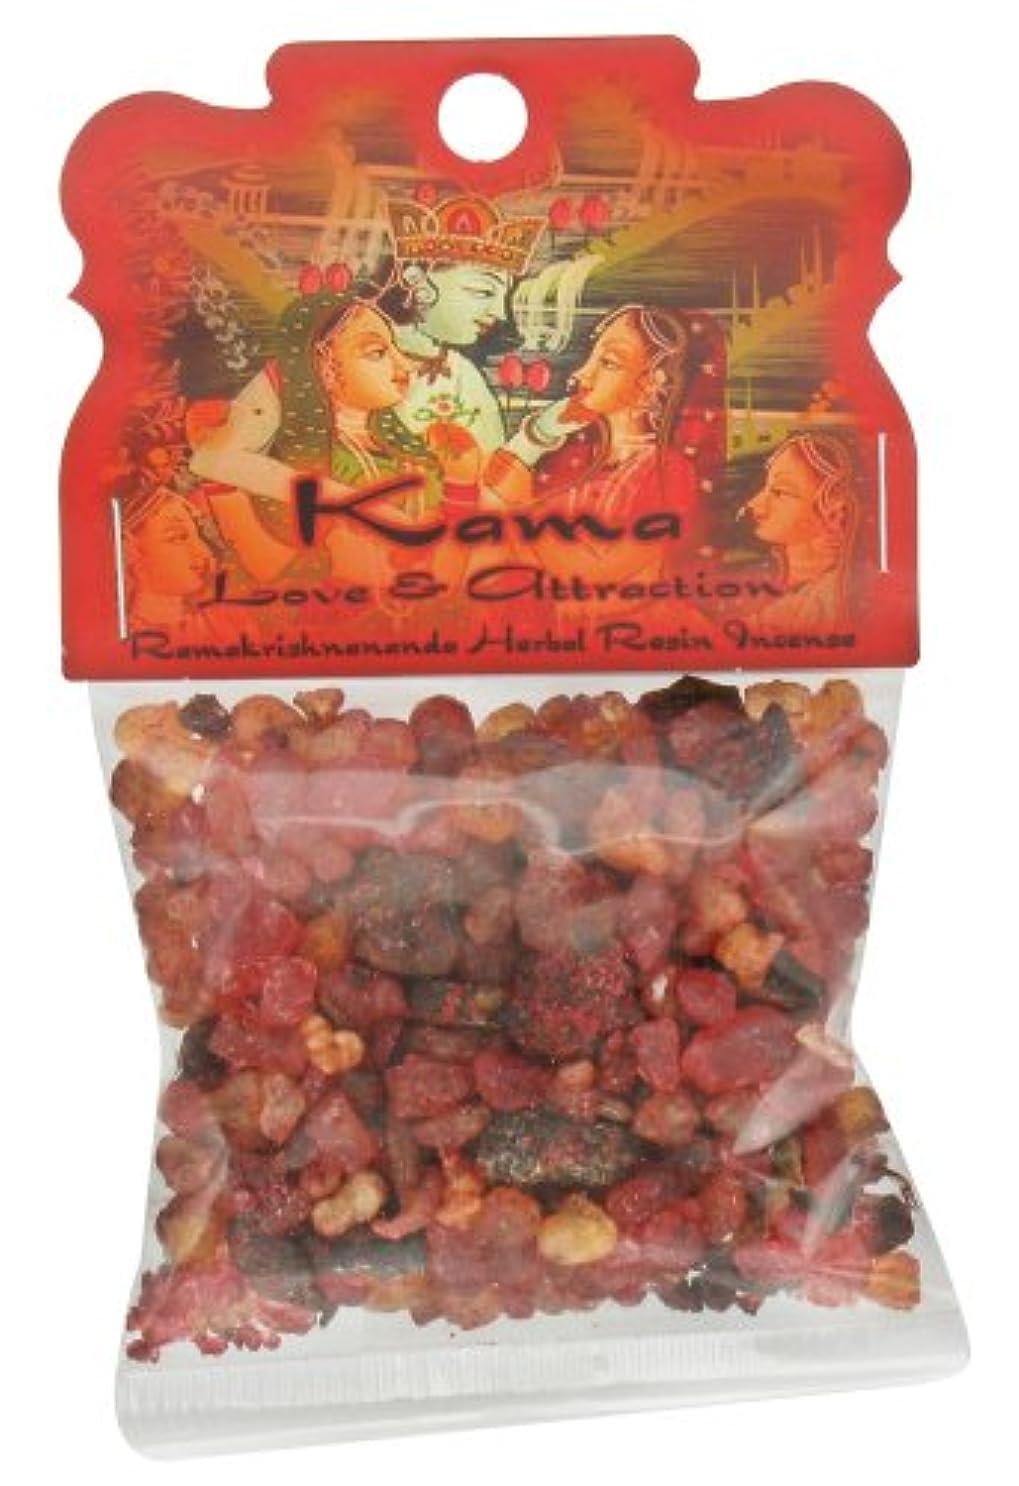 パスタ有効化ガウン樹脂Incense Kama – 愛とAttraction – 1.2ozバッグ